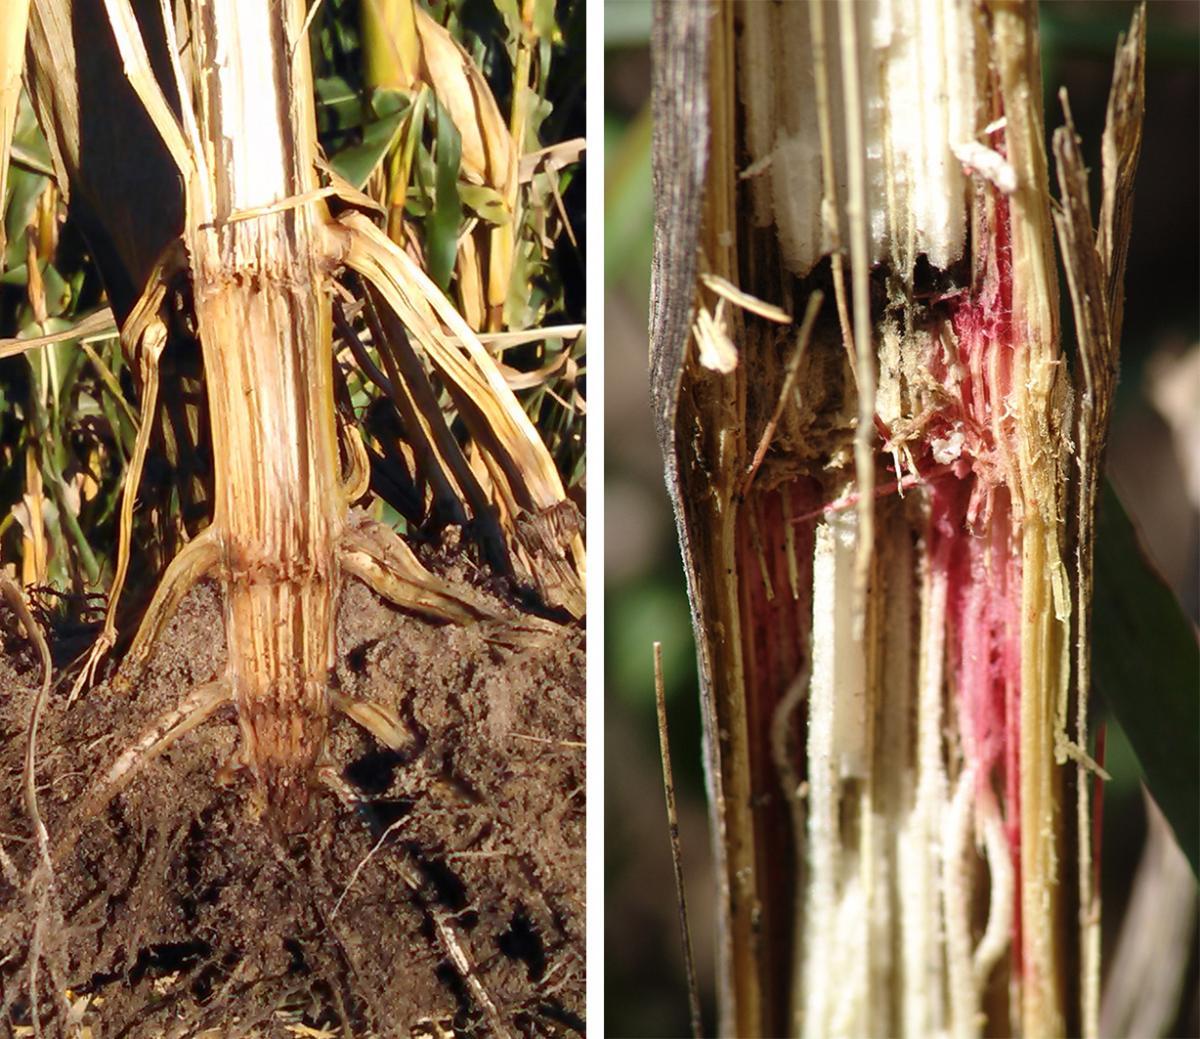 Gibberella and Fusarium stalk rots